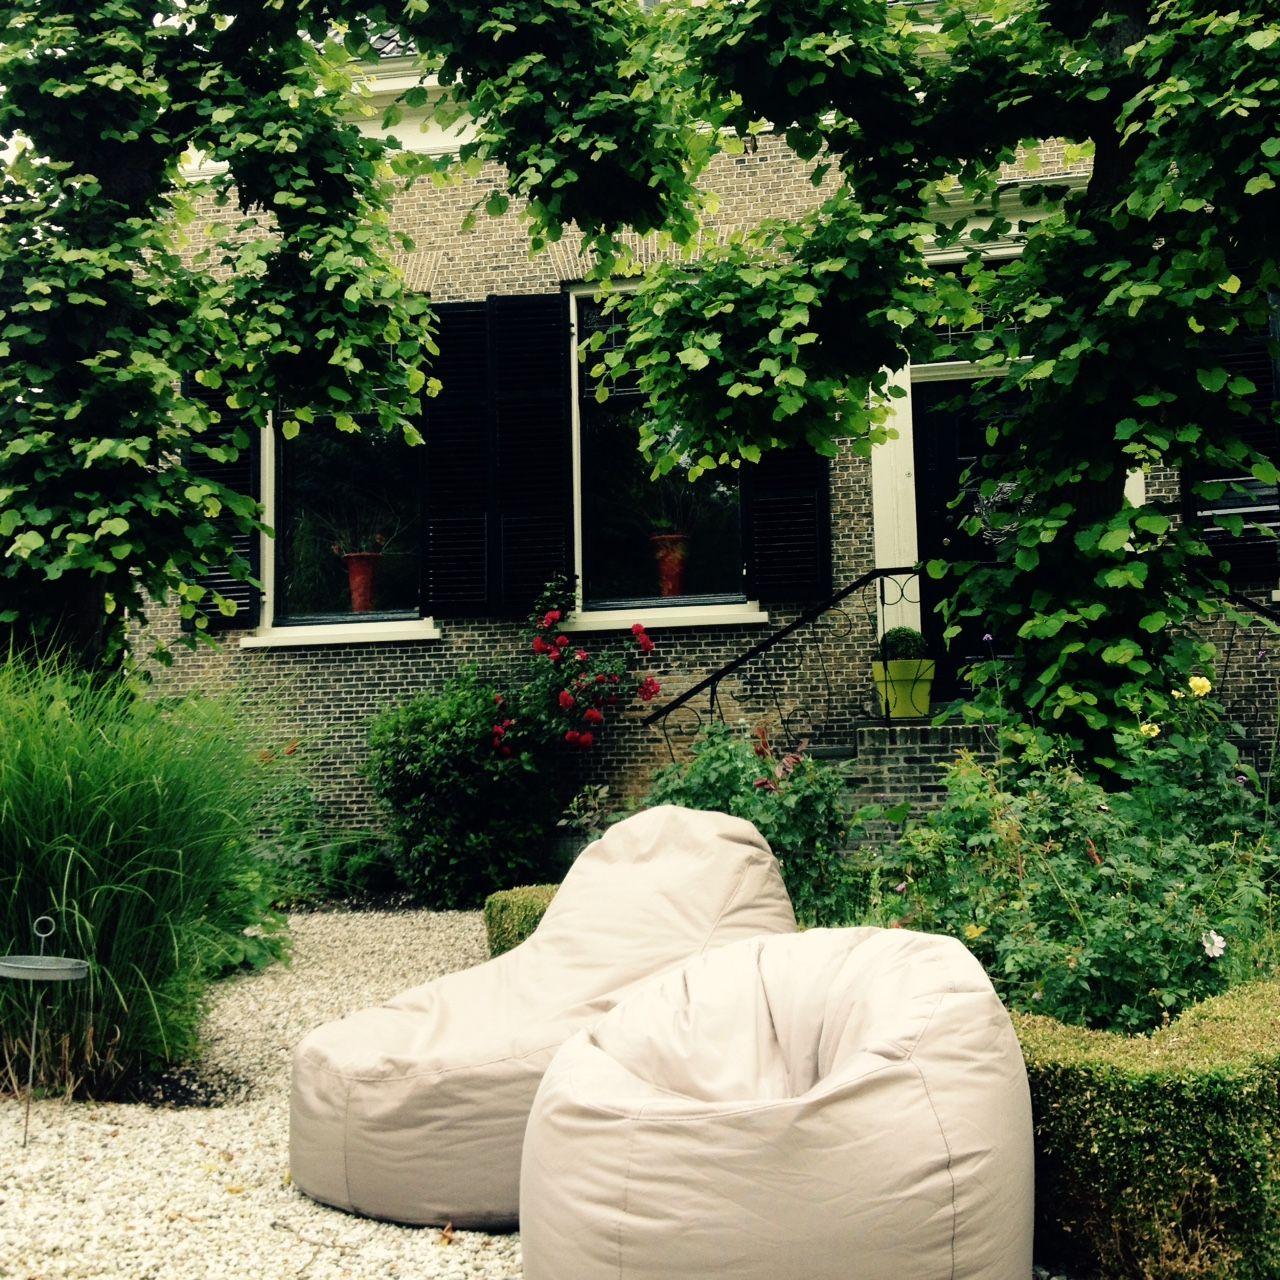 Xl Zitzak Van Sit Joy.Donut Zitzak Good Outbag Zitzak Slope Xl Canvas Nature Washed With